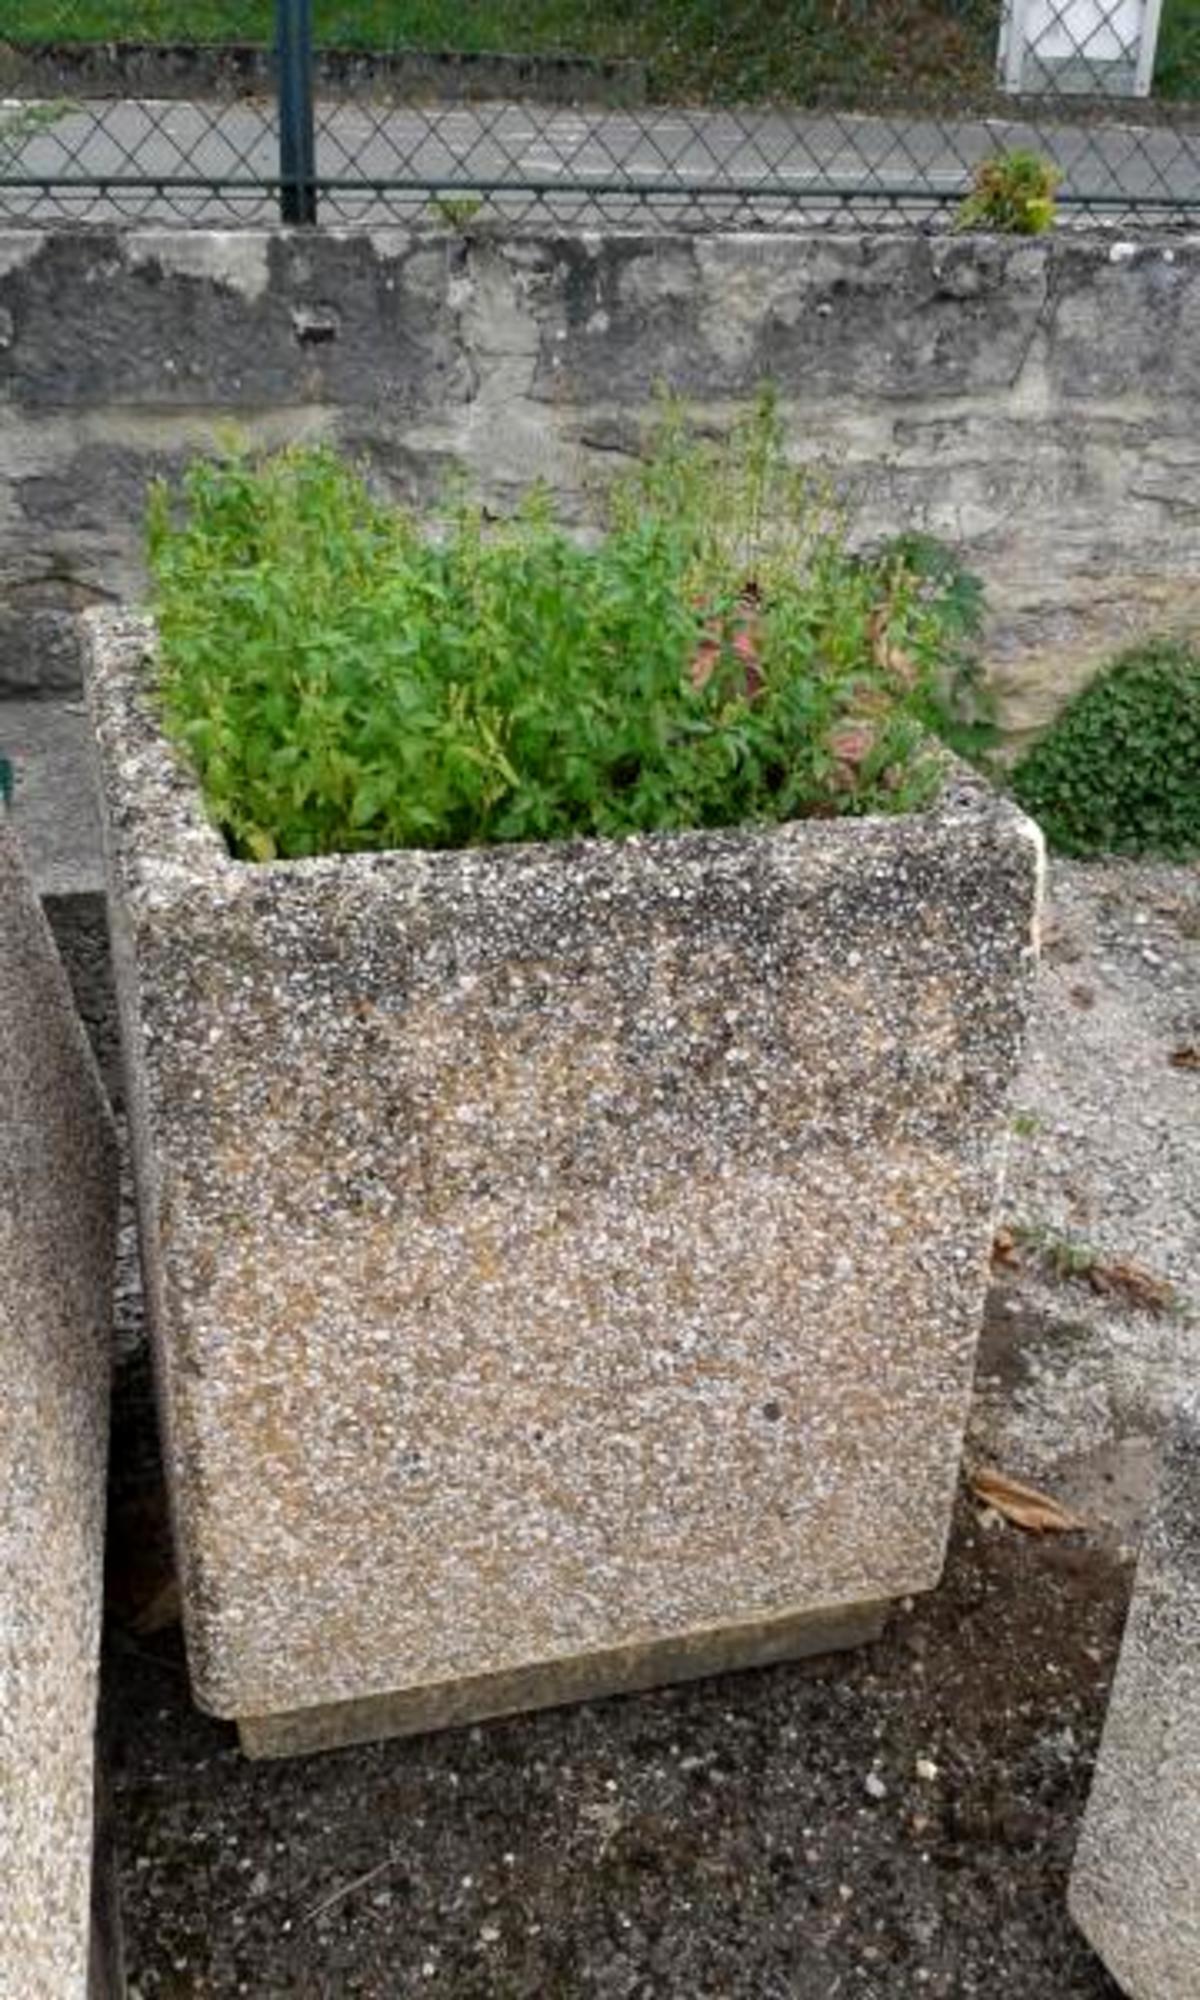 bac a fleurs en b ton d coration de jardin d 39 occasion aux ench res agorastore. Black Bedroom Furniture Sets. Home Design Ideas